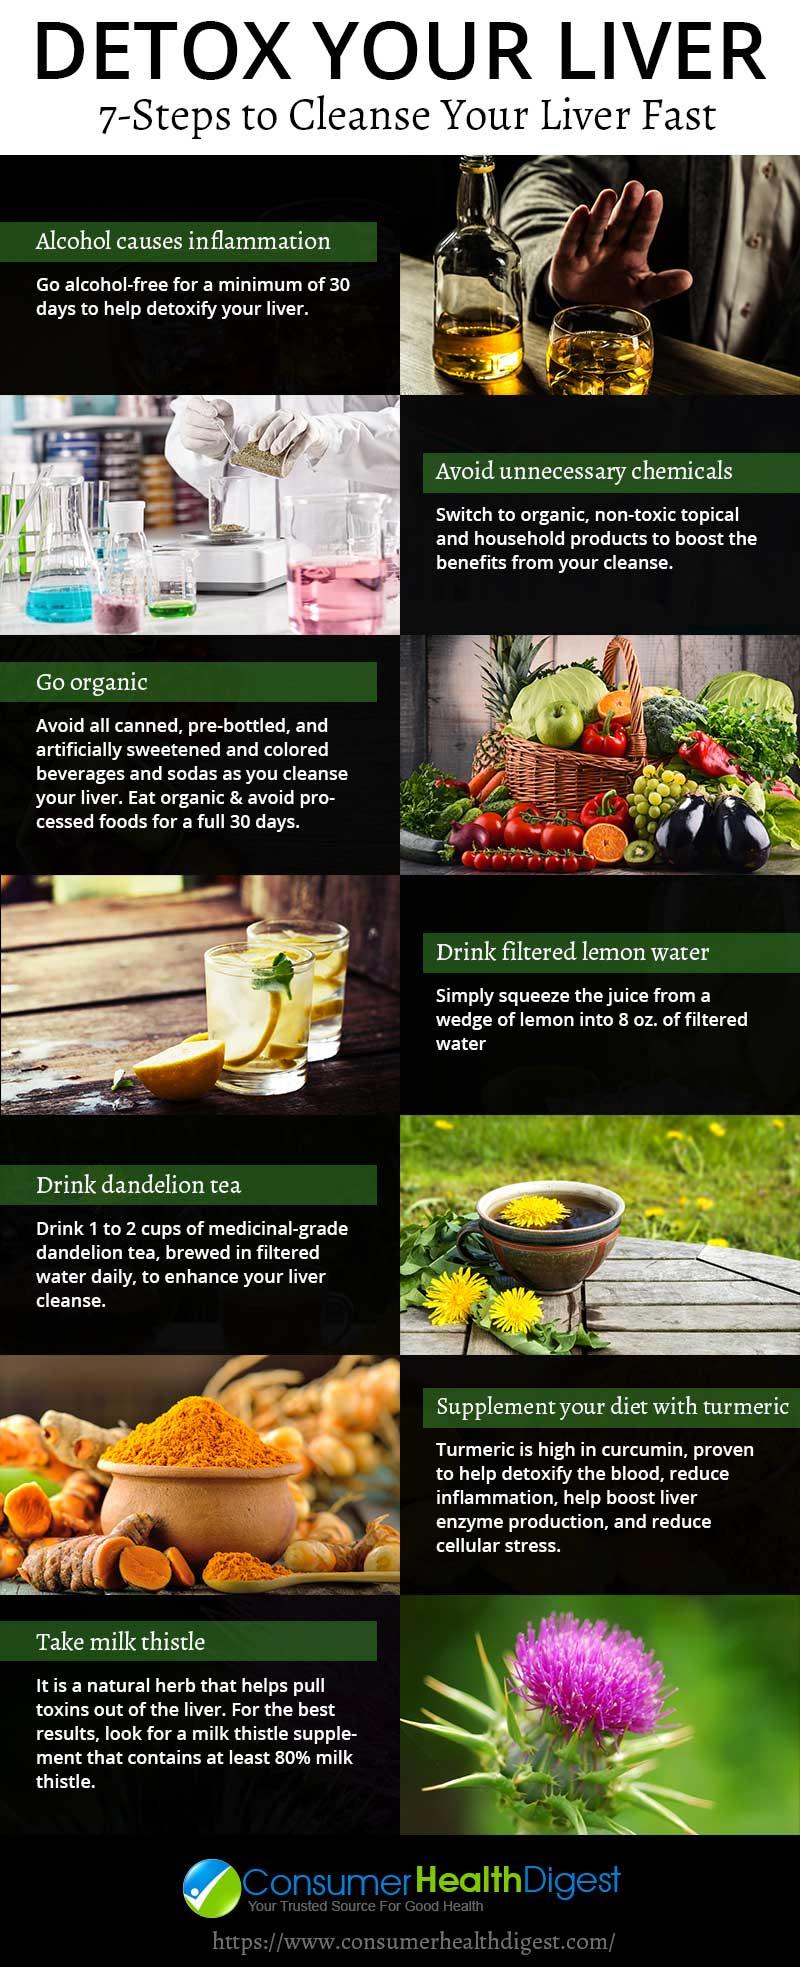 Detox Your Liver Info